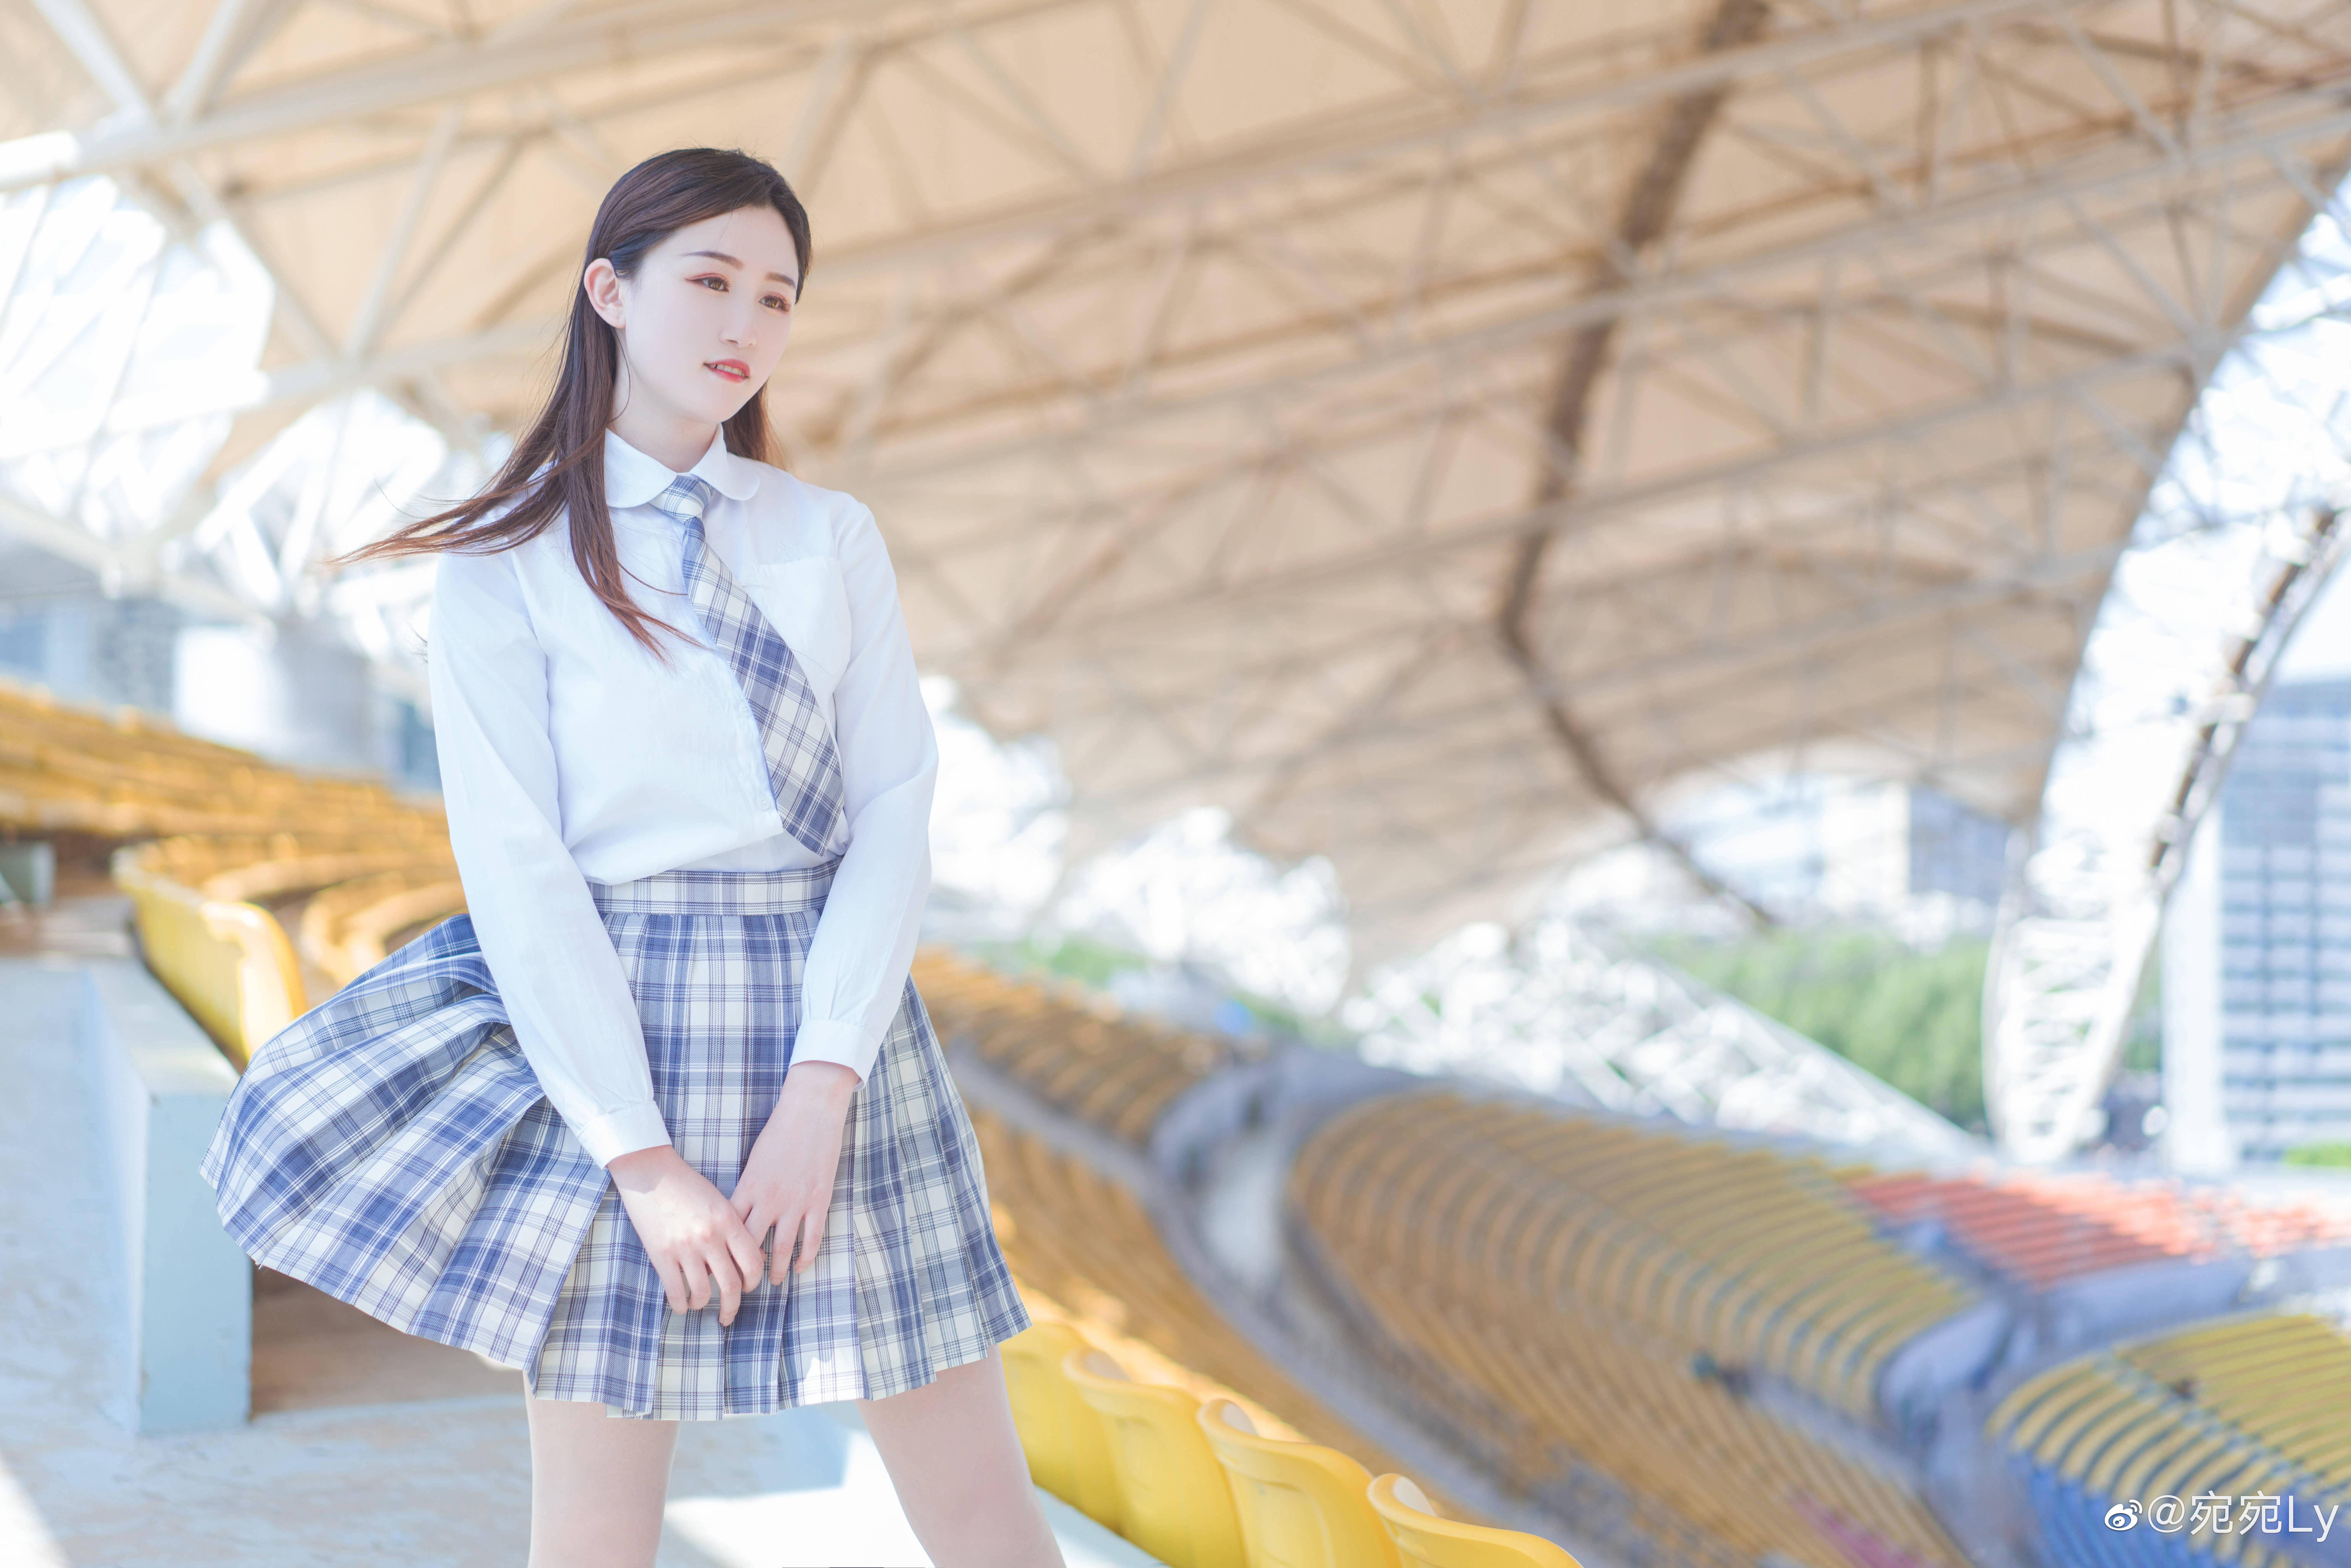 [JK写真]好想看你穿jk的样子 @宛宛Ly 时尚-第6张